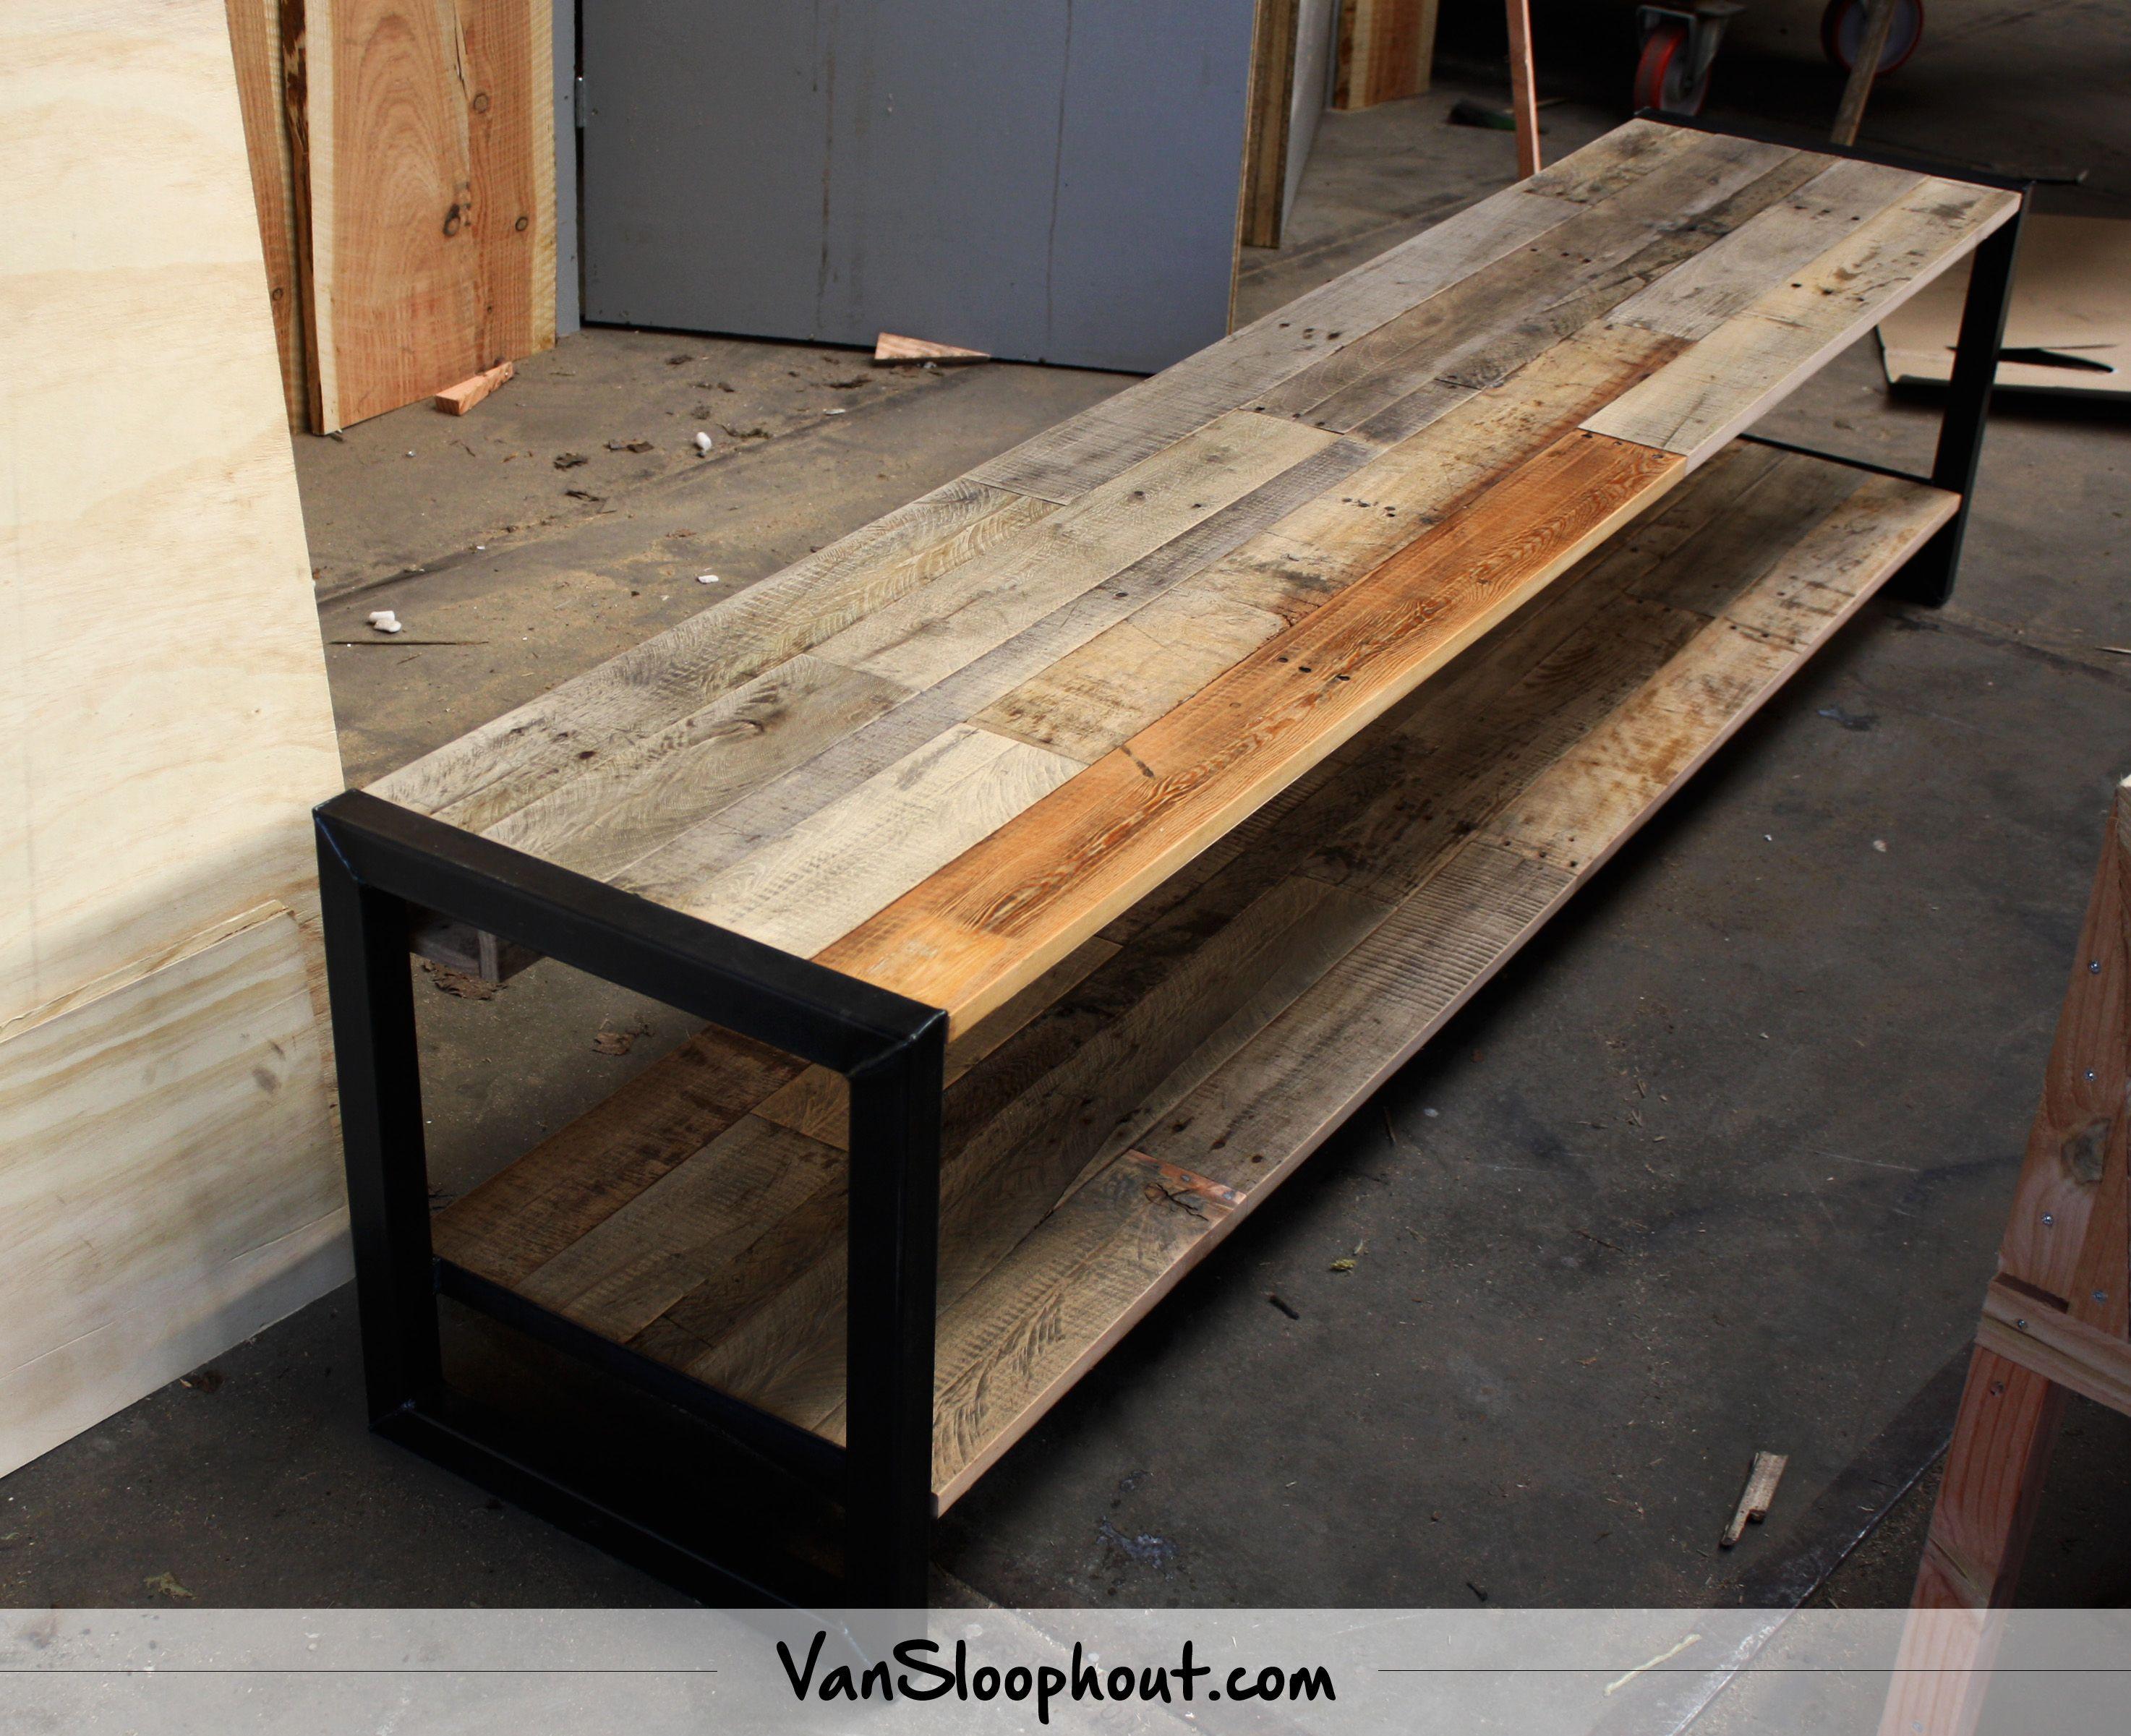 Eiken Woonkamer Meubelen : Tv meubel van staal met een eiken sloophout blad industrieel